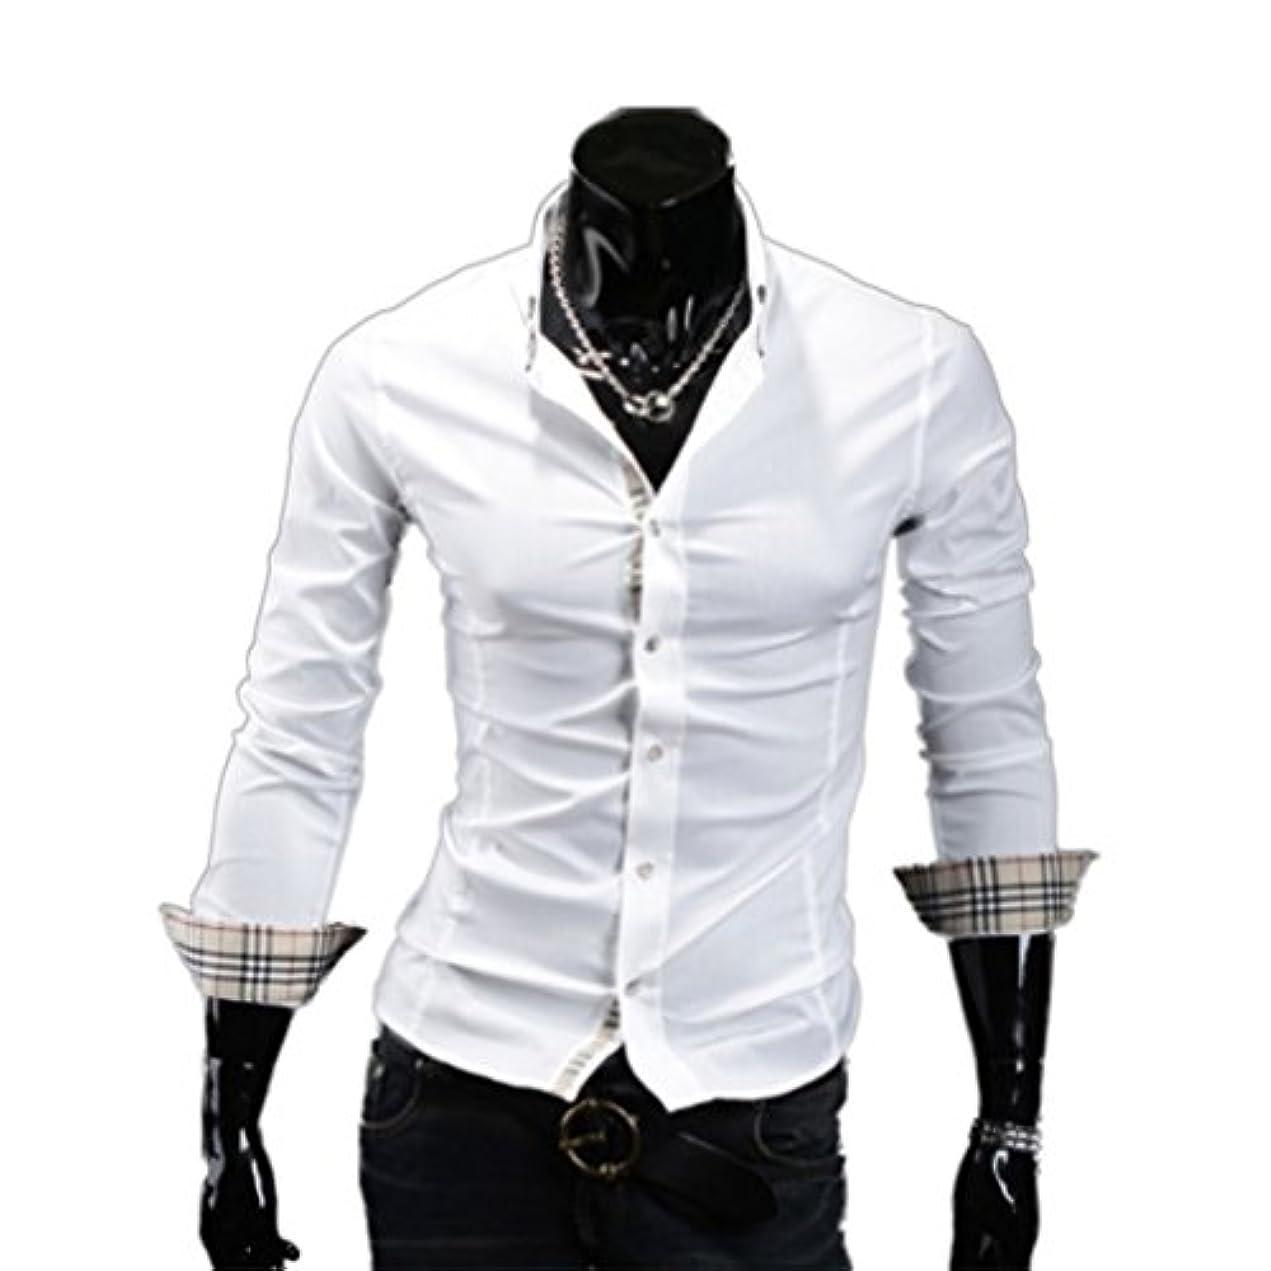 スマート散るケーキHonghu メンズ シャツ 長袖 チェック柄? カジュアル ホワイト XL 1PC